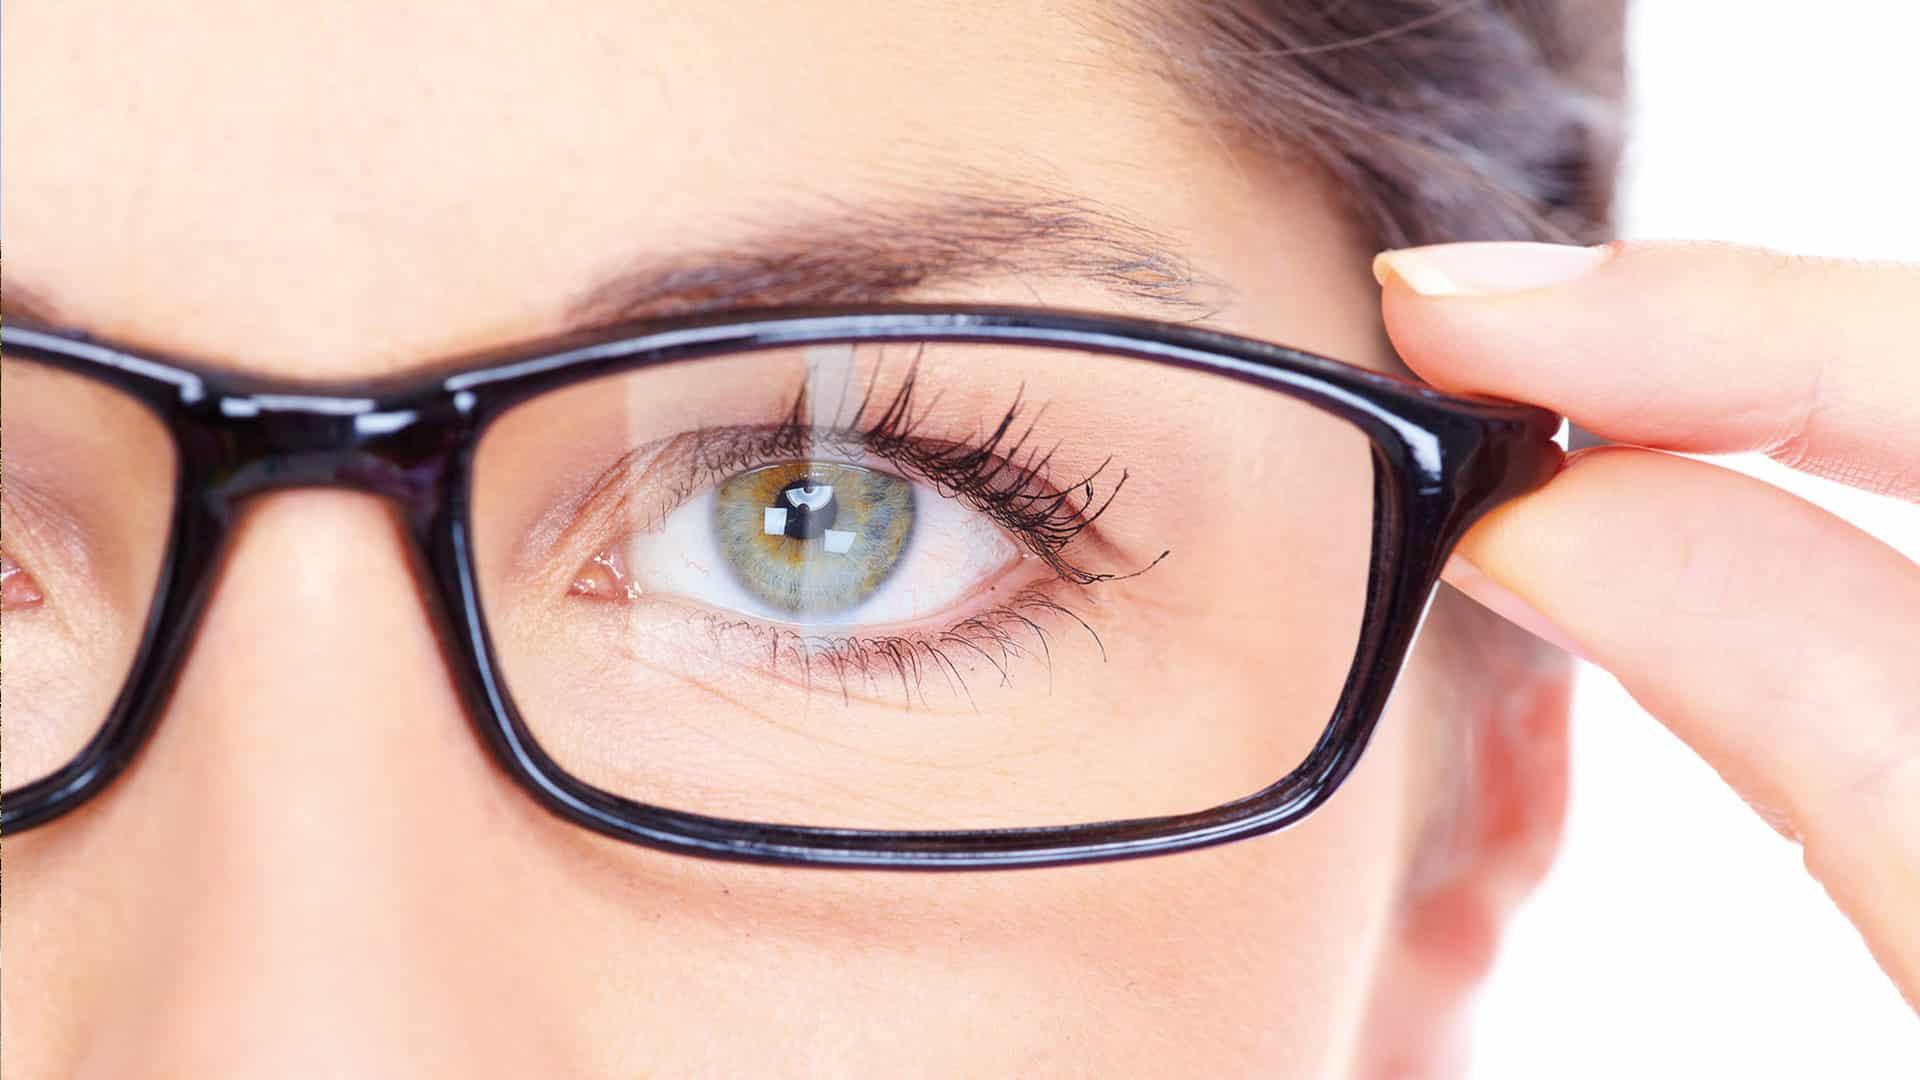 Brillenglas ohne Superentspiegelung